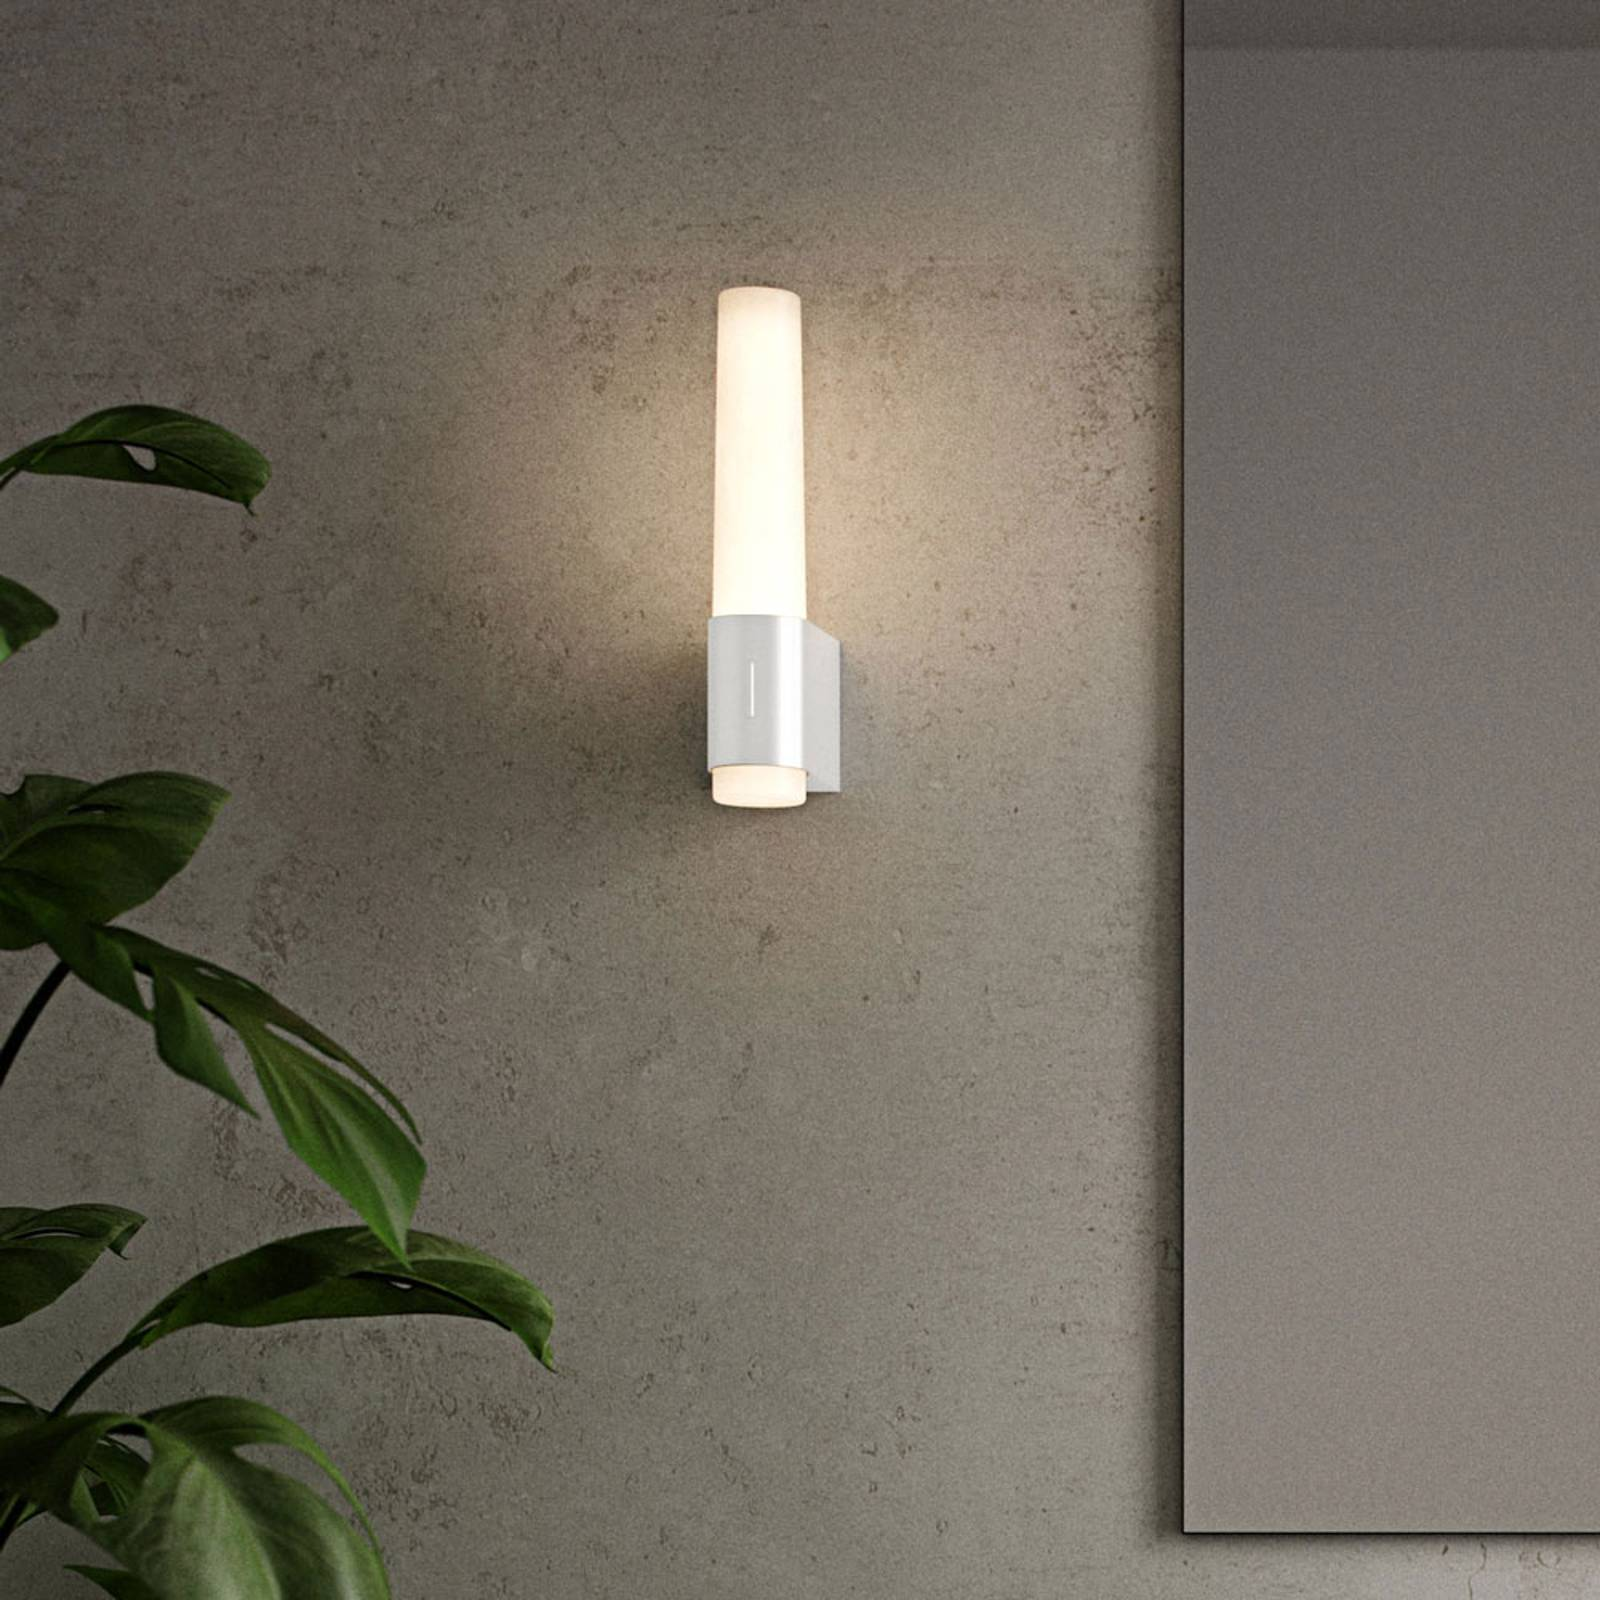 Kylpyhuoneen LED-seinälamppu Helva Night valkoinen